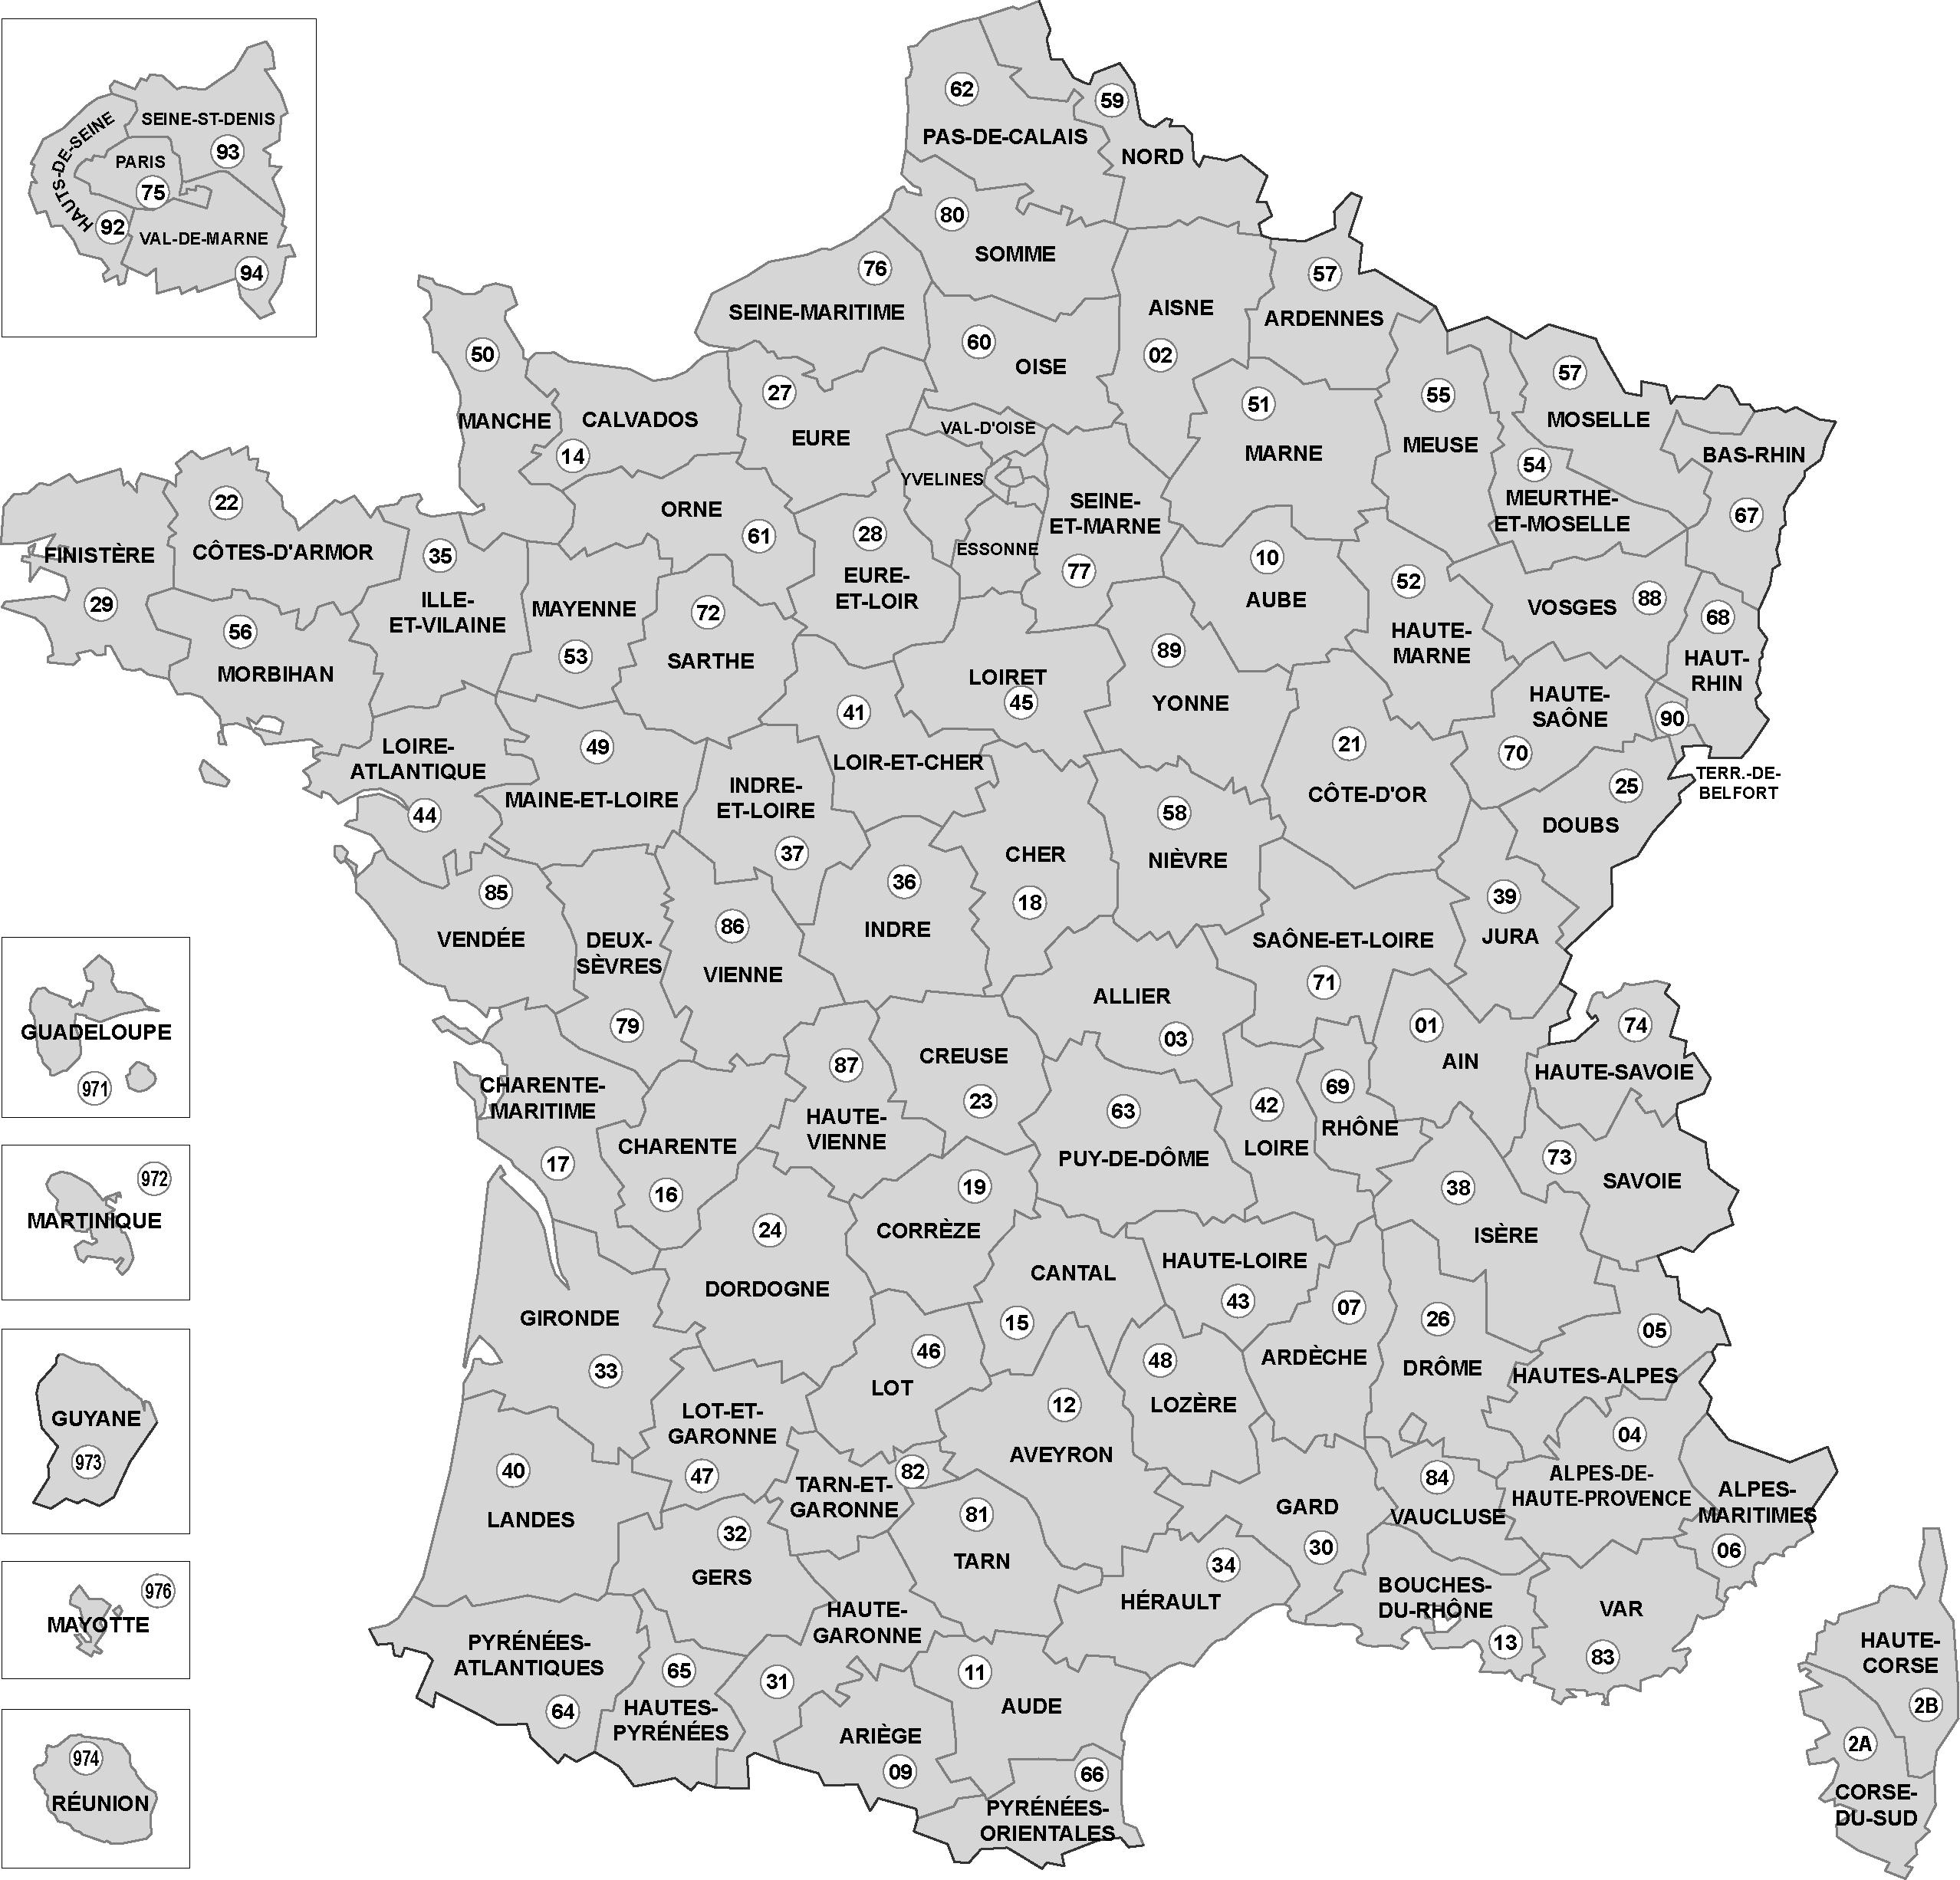 Cartes De France, Cartes Et Rmations Des Régions encequiconcerne Les 22 Régions De France Métropolitaine